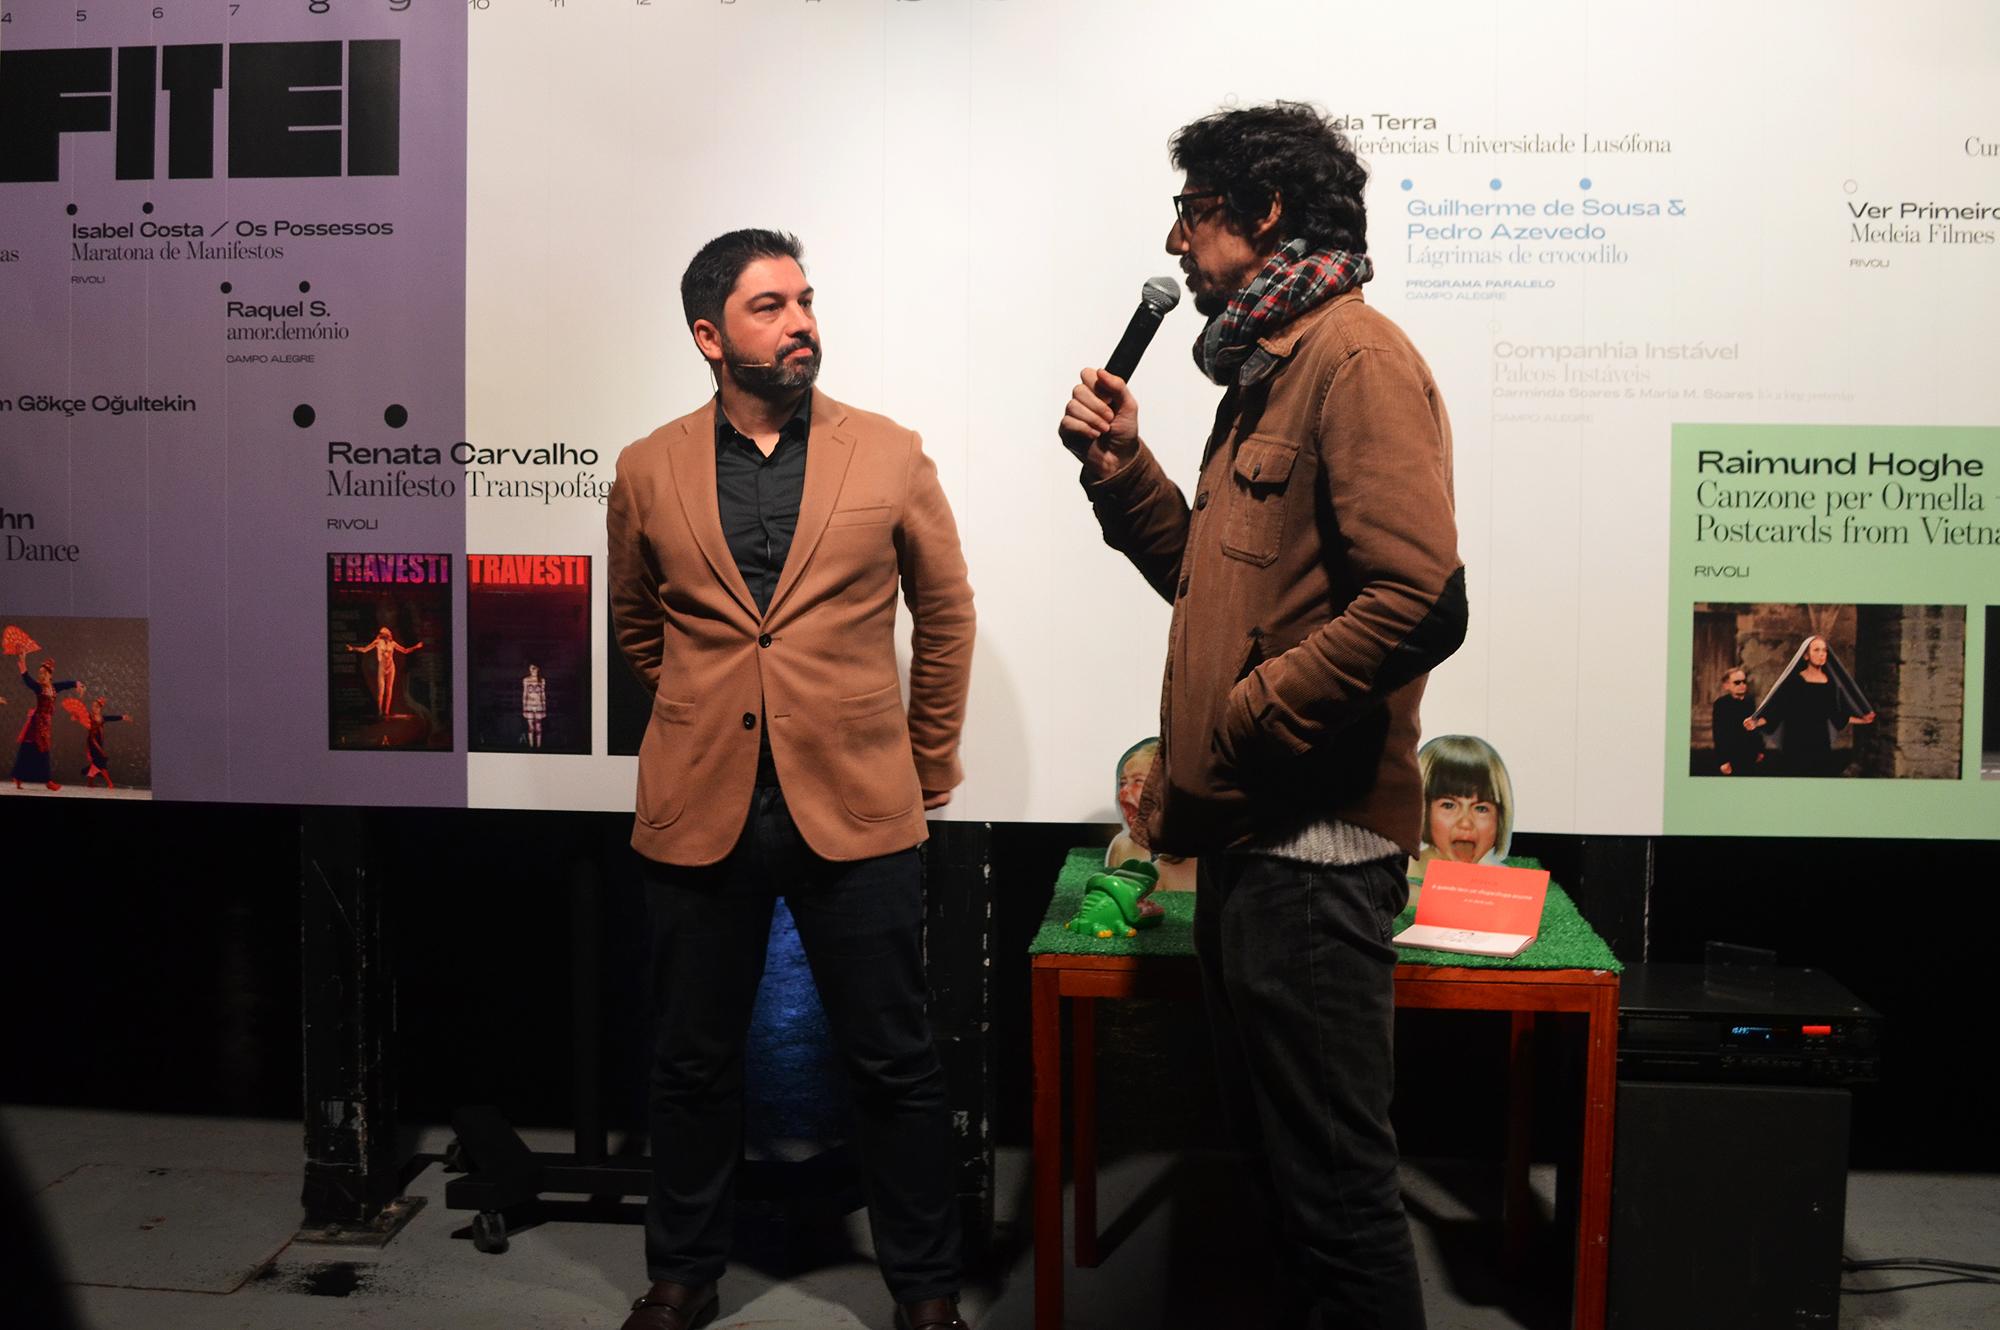 Tiago Guedes e Gonçalo Amorim, diretor do FITEI destacaram a renovada parceria DDD - FITEI.